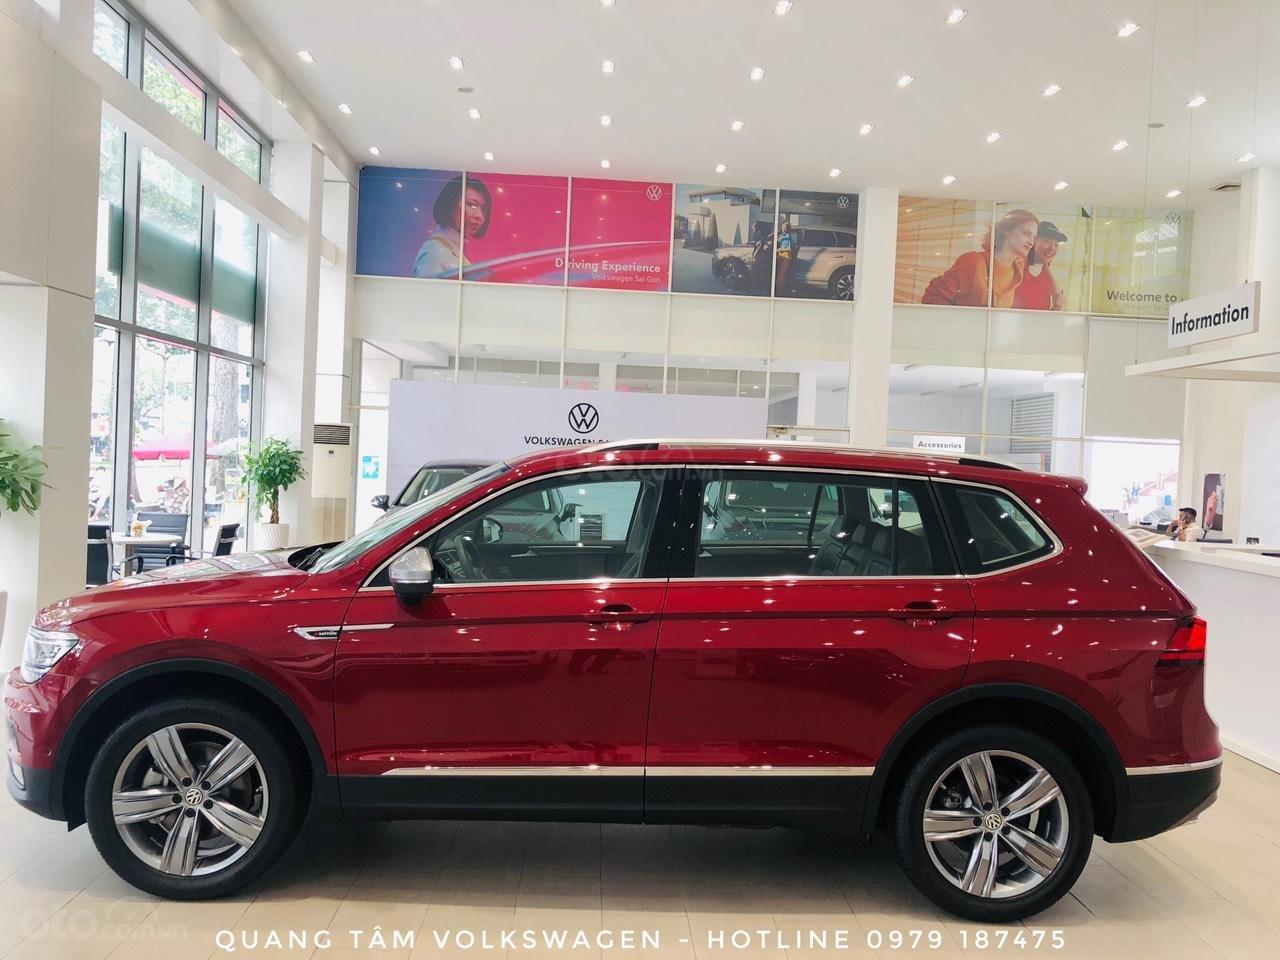 Volkswagen Tiguan Luxury đỏ ruby may mắn, ưu đãi khủng + giao ngay (3)